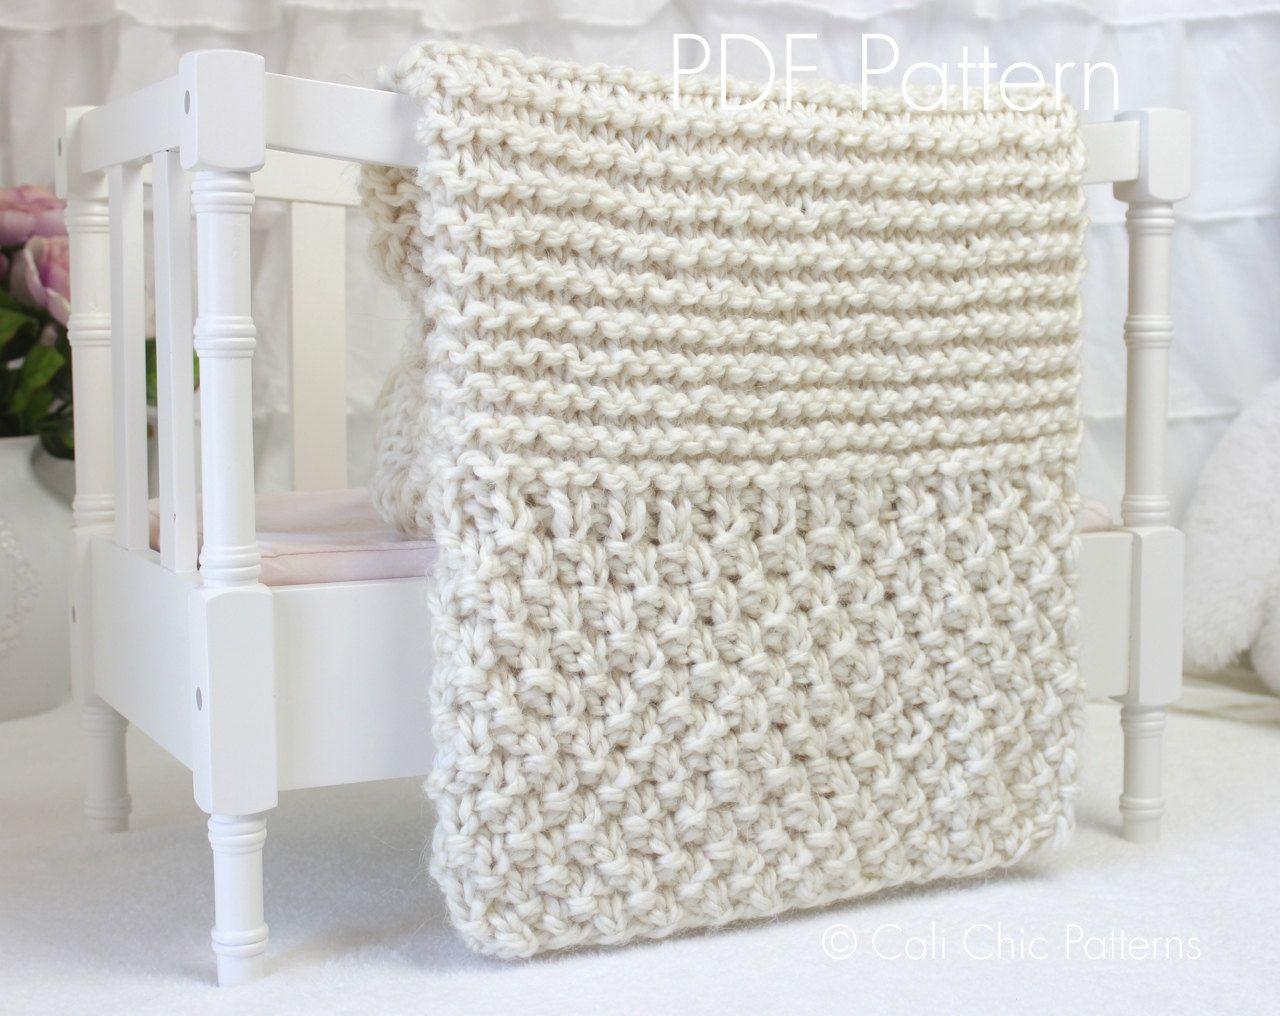 Beginner knitting pattern 102 buttercream baby afghan pattern beginner knitting pattern 102 buttercream baby afghan pattern easy 2 sizes beginner knit baby blanket blanket throw bankloansurffo Choice Image